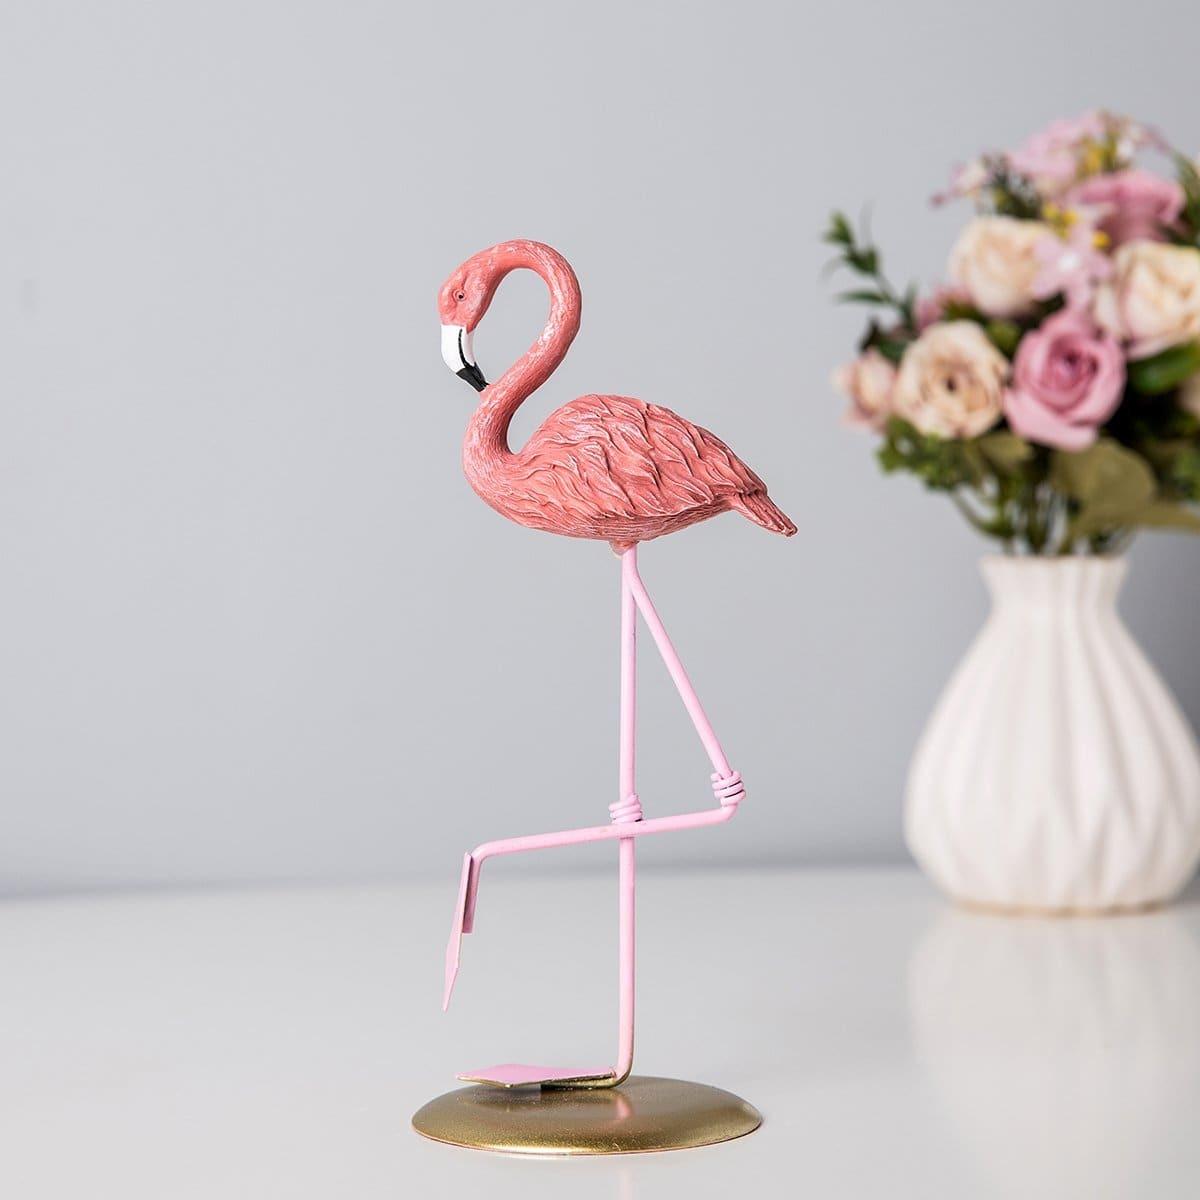 Flamingo decoratief object